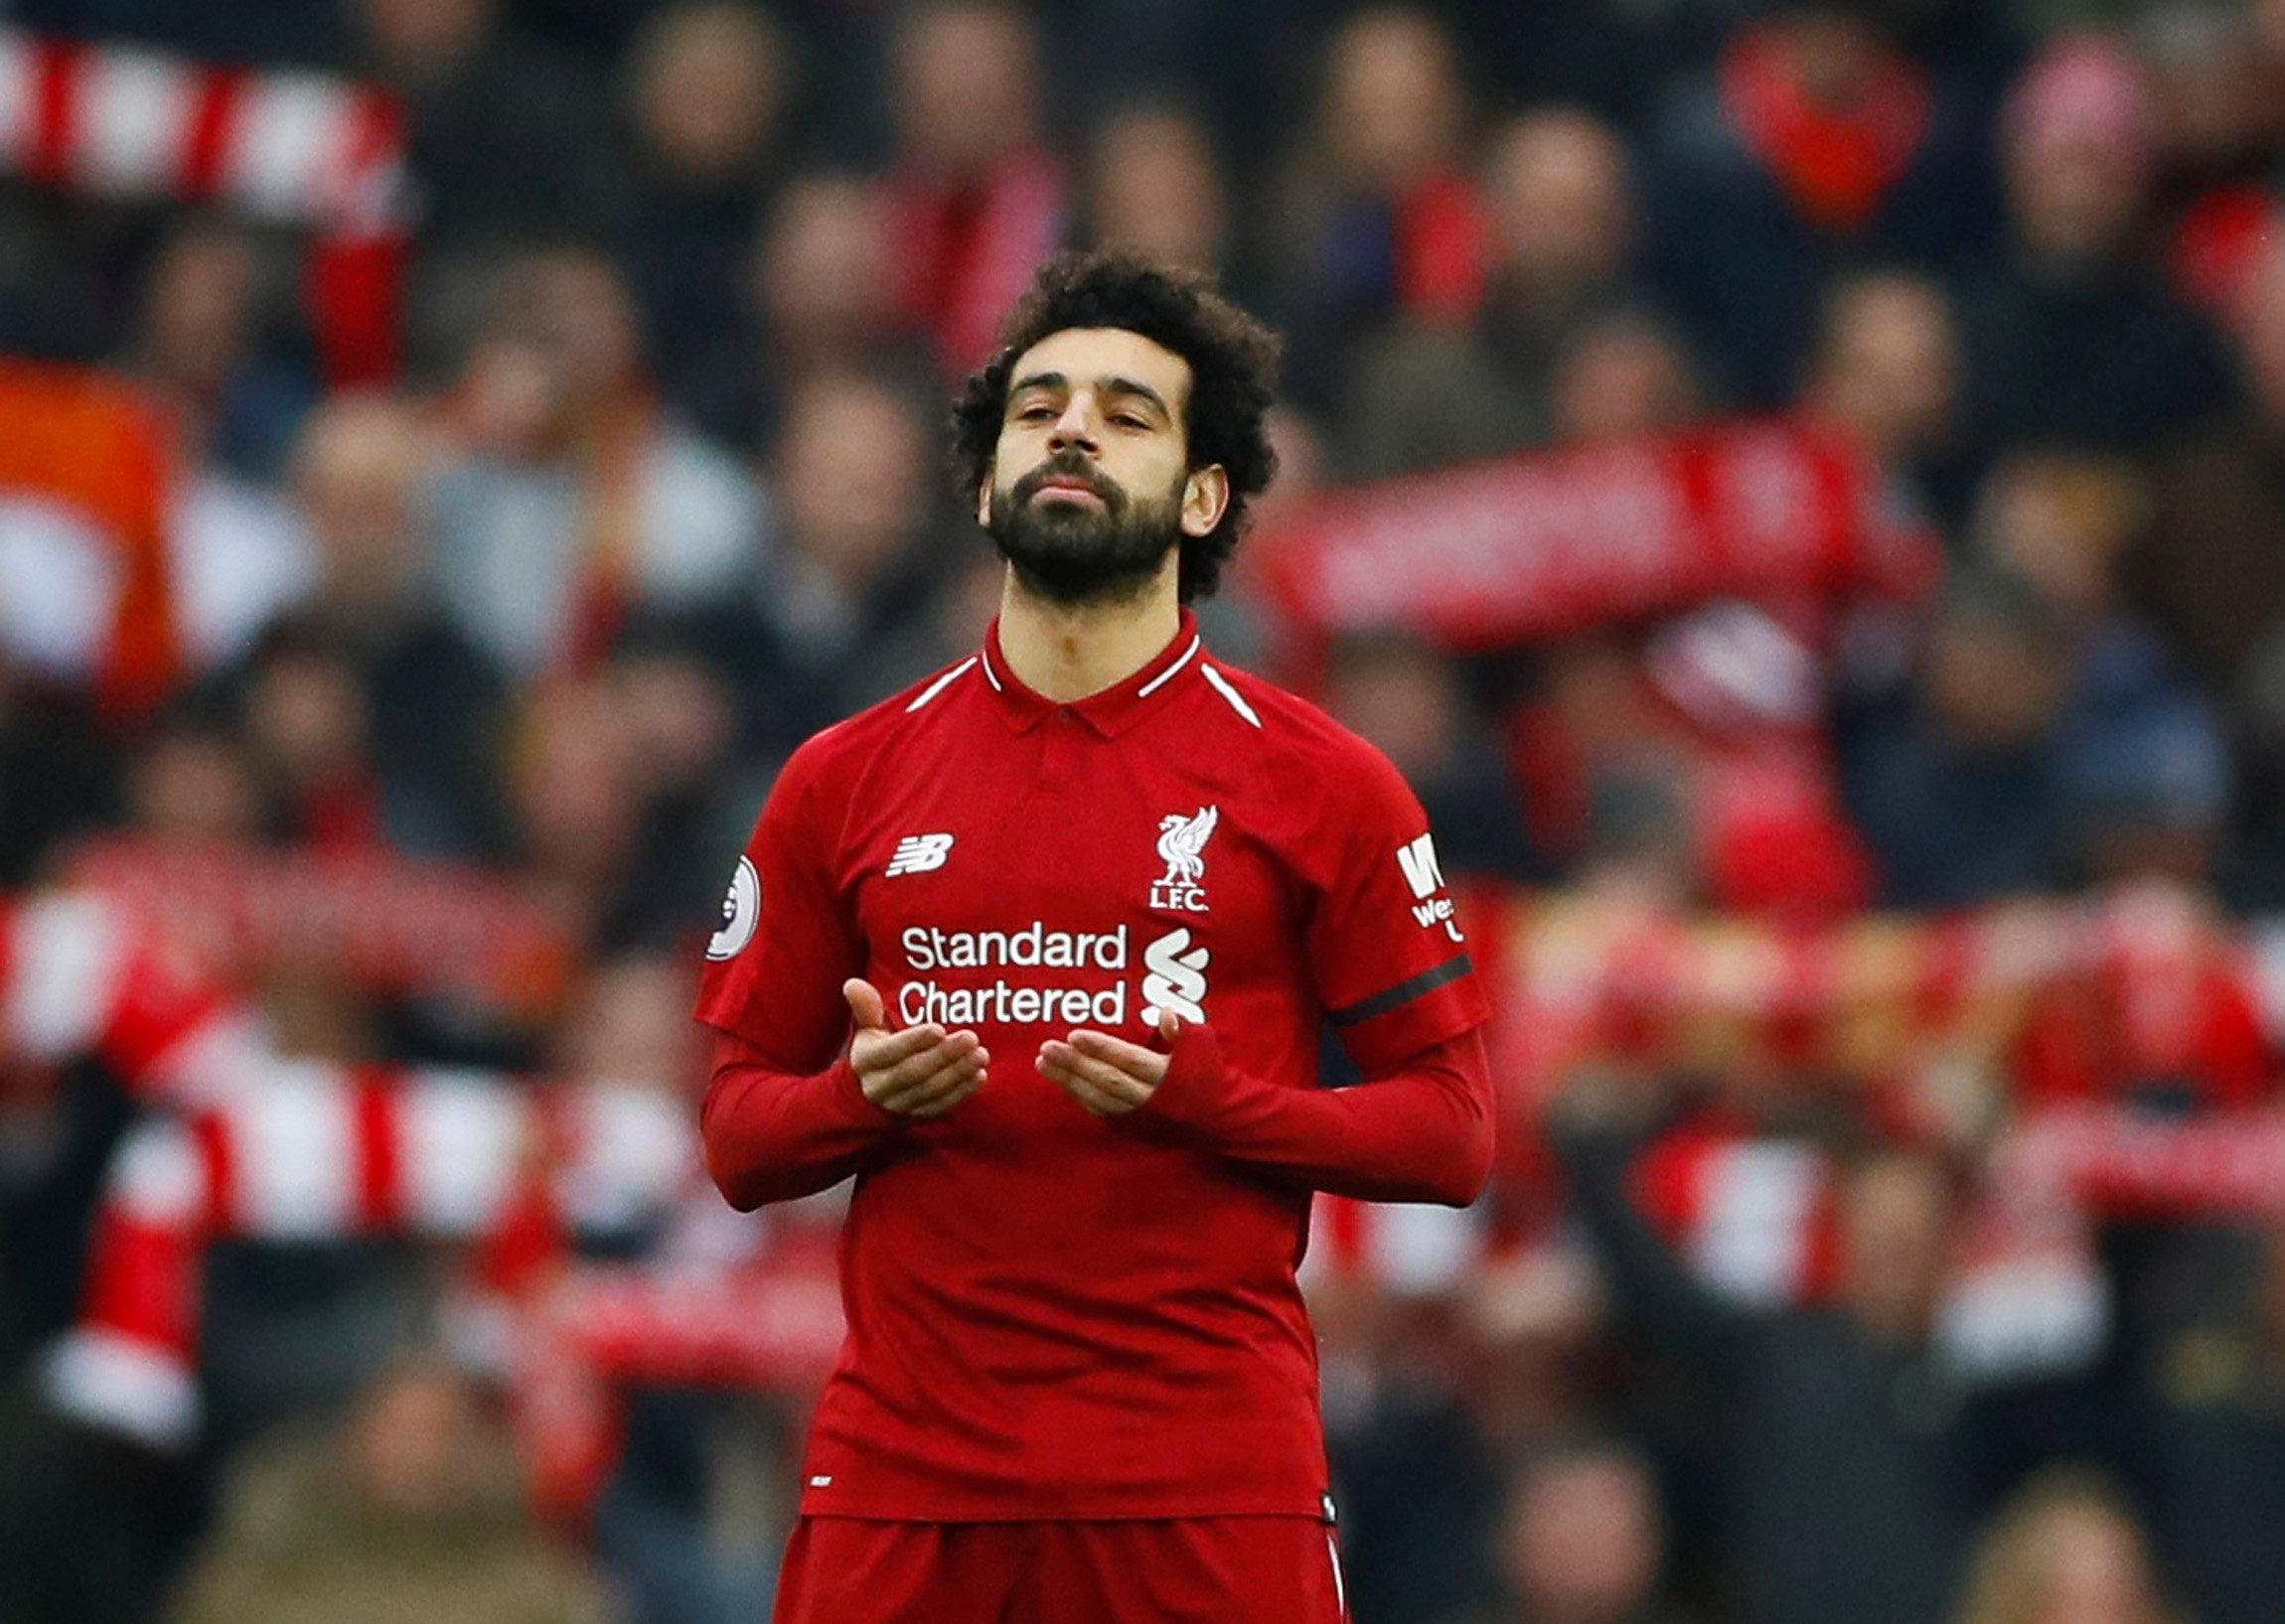 """بعد """"هزيمته المخيبة للآمال"""".. ريال مدريد يريد صلاح ويخصص """"مبلغًا ضخمًا"""""""